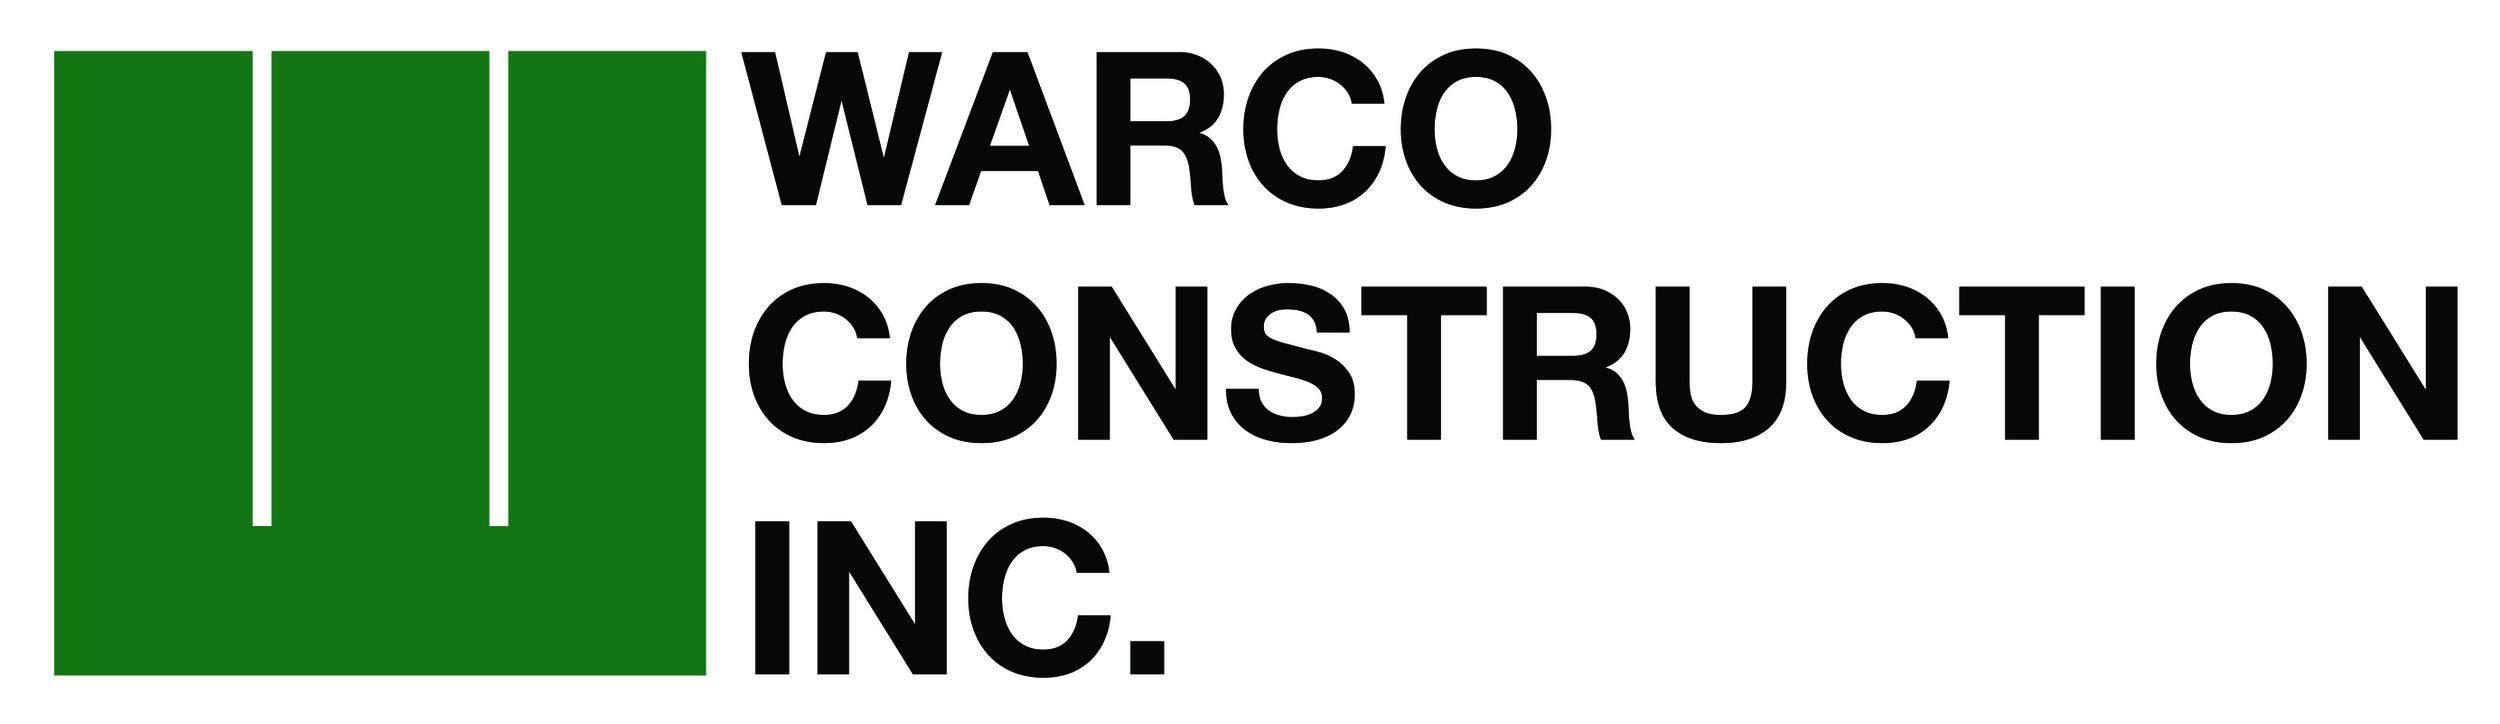 Warco-Logo-Large.jpg